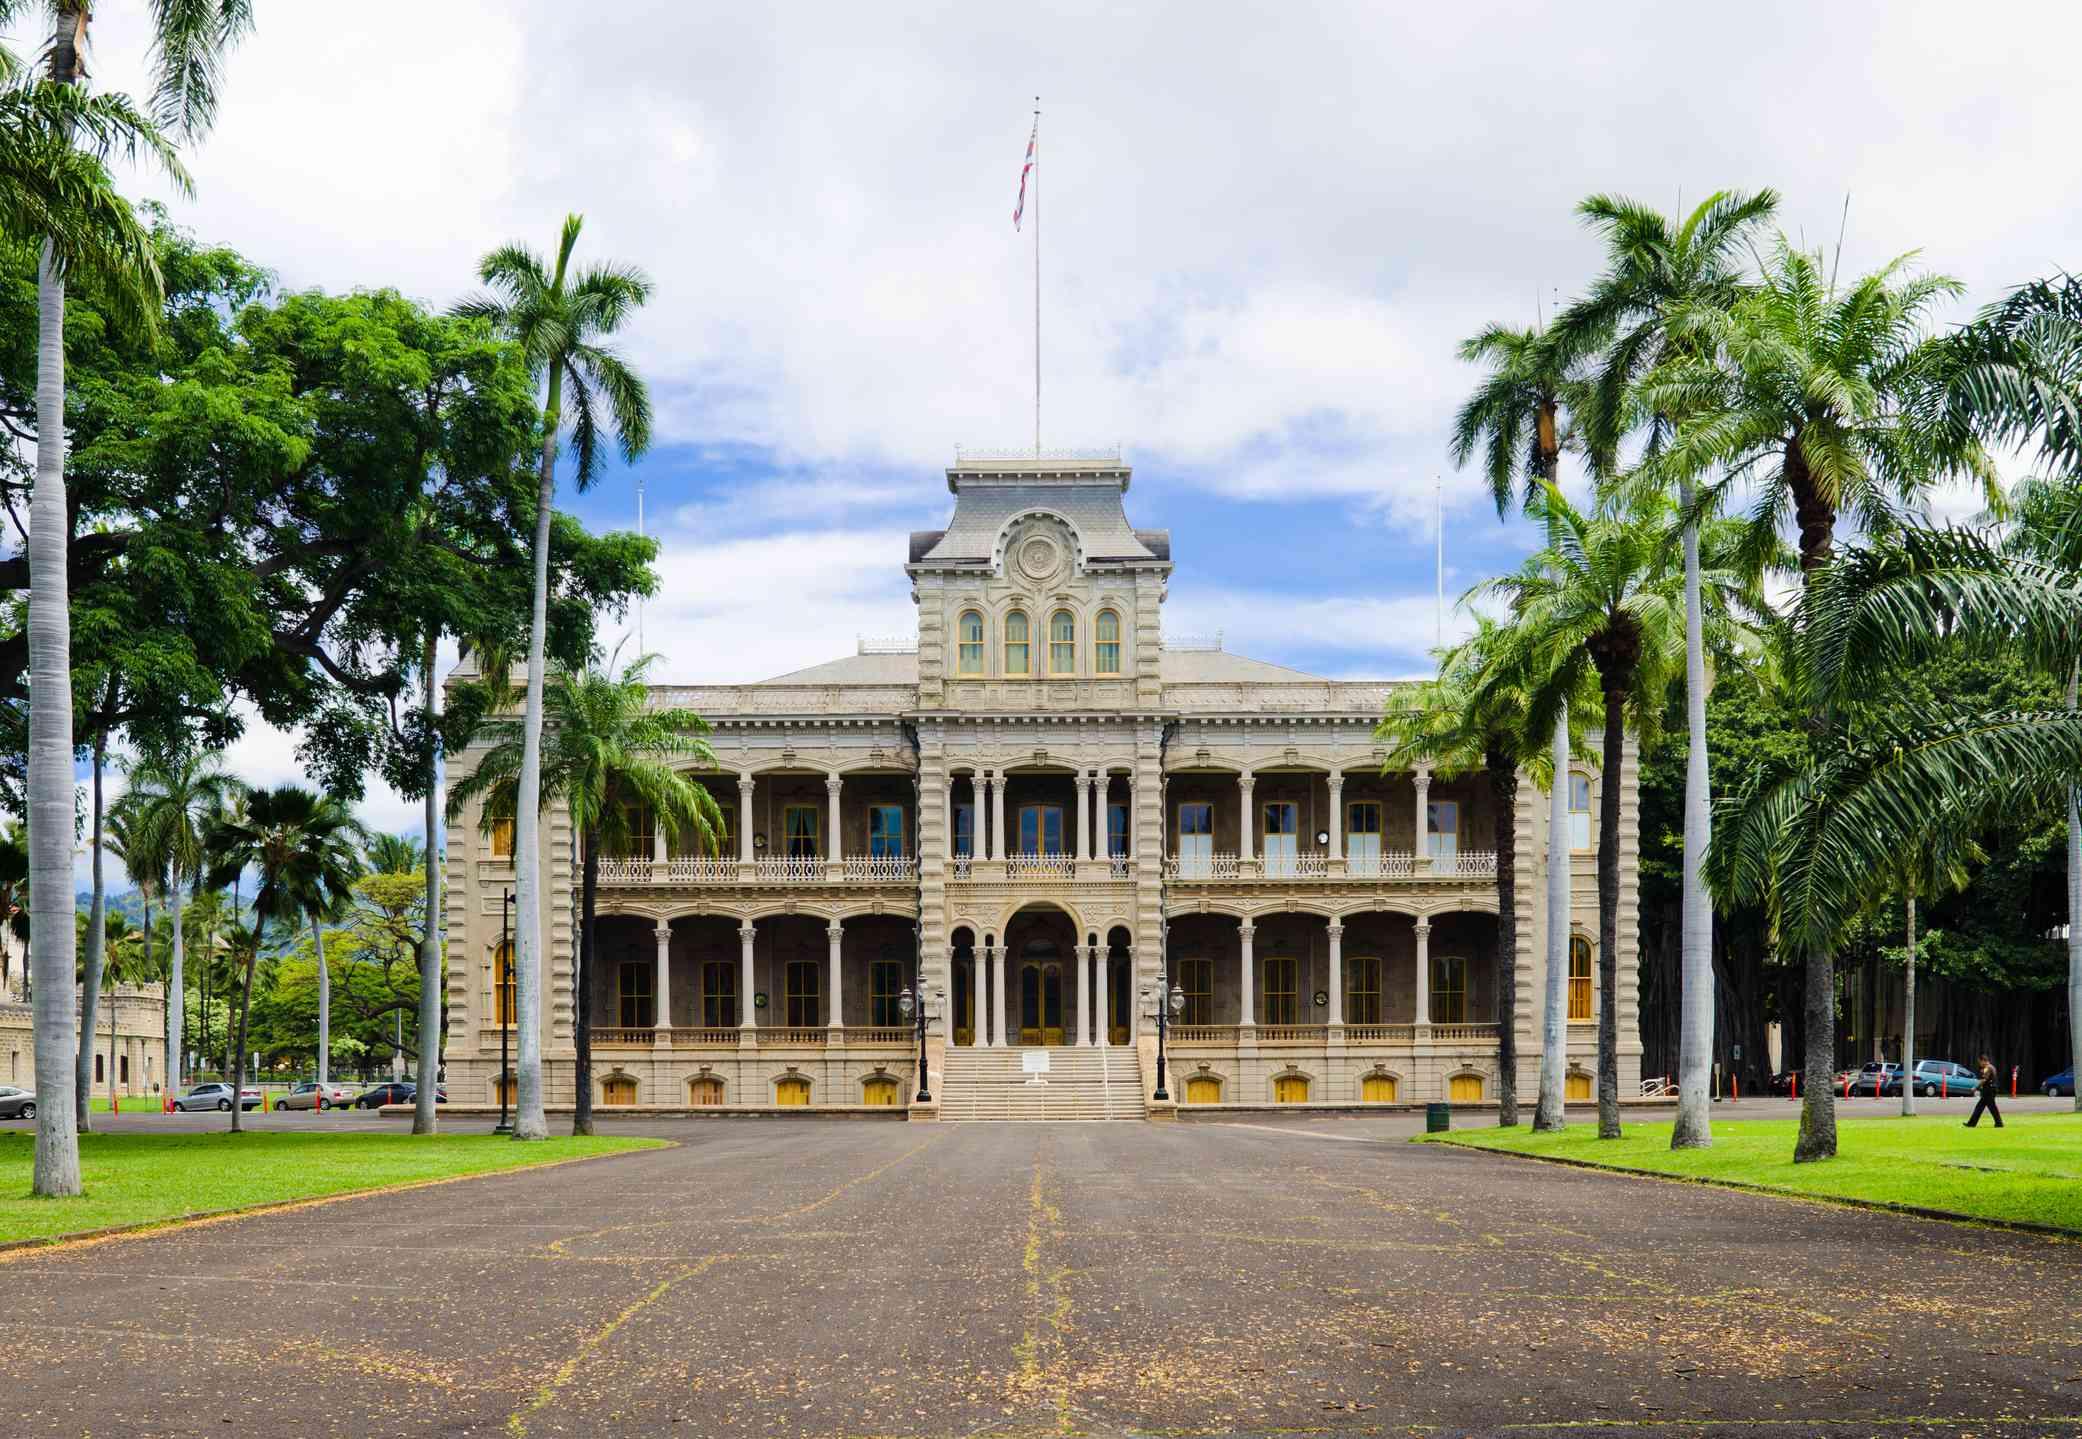 Iolani Palace on Oahu, Hawaii